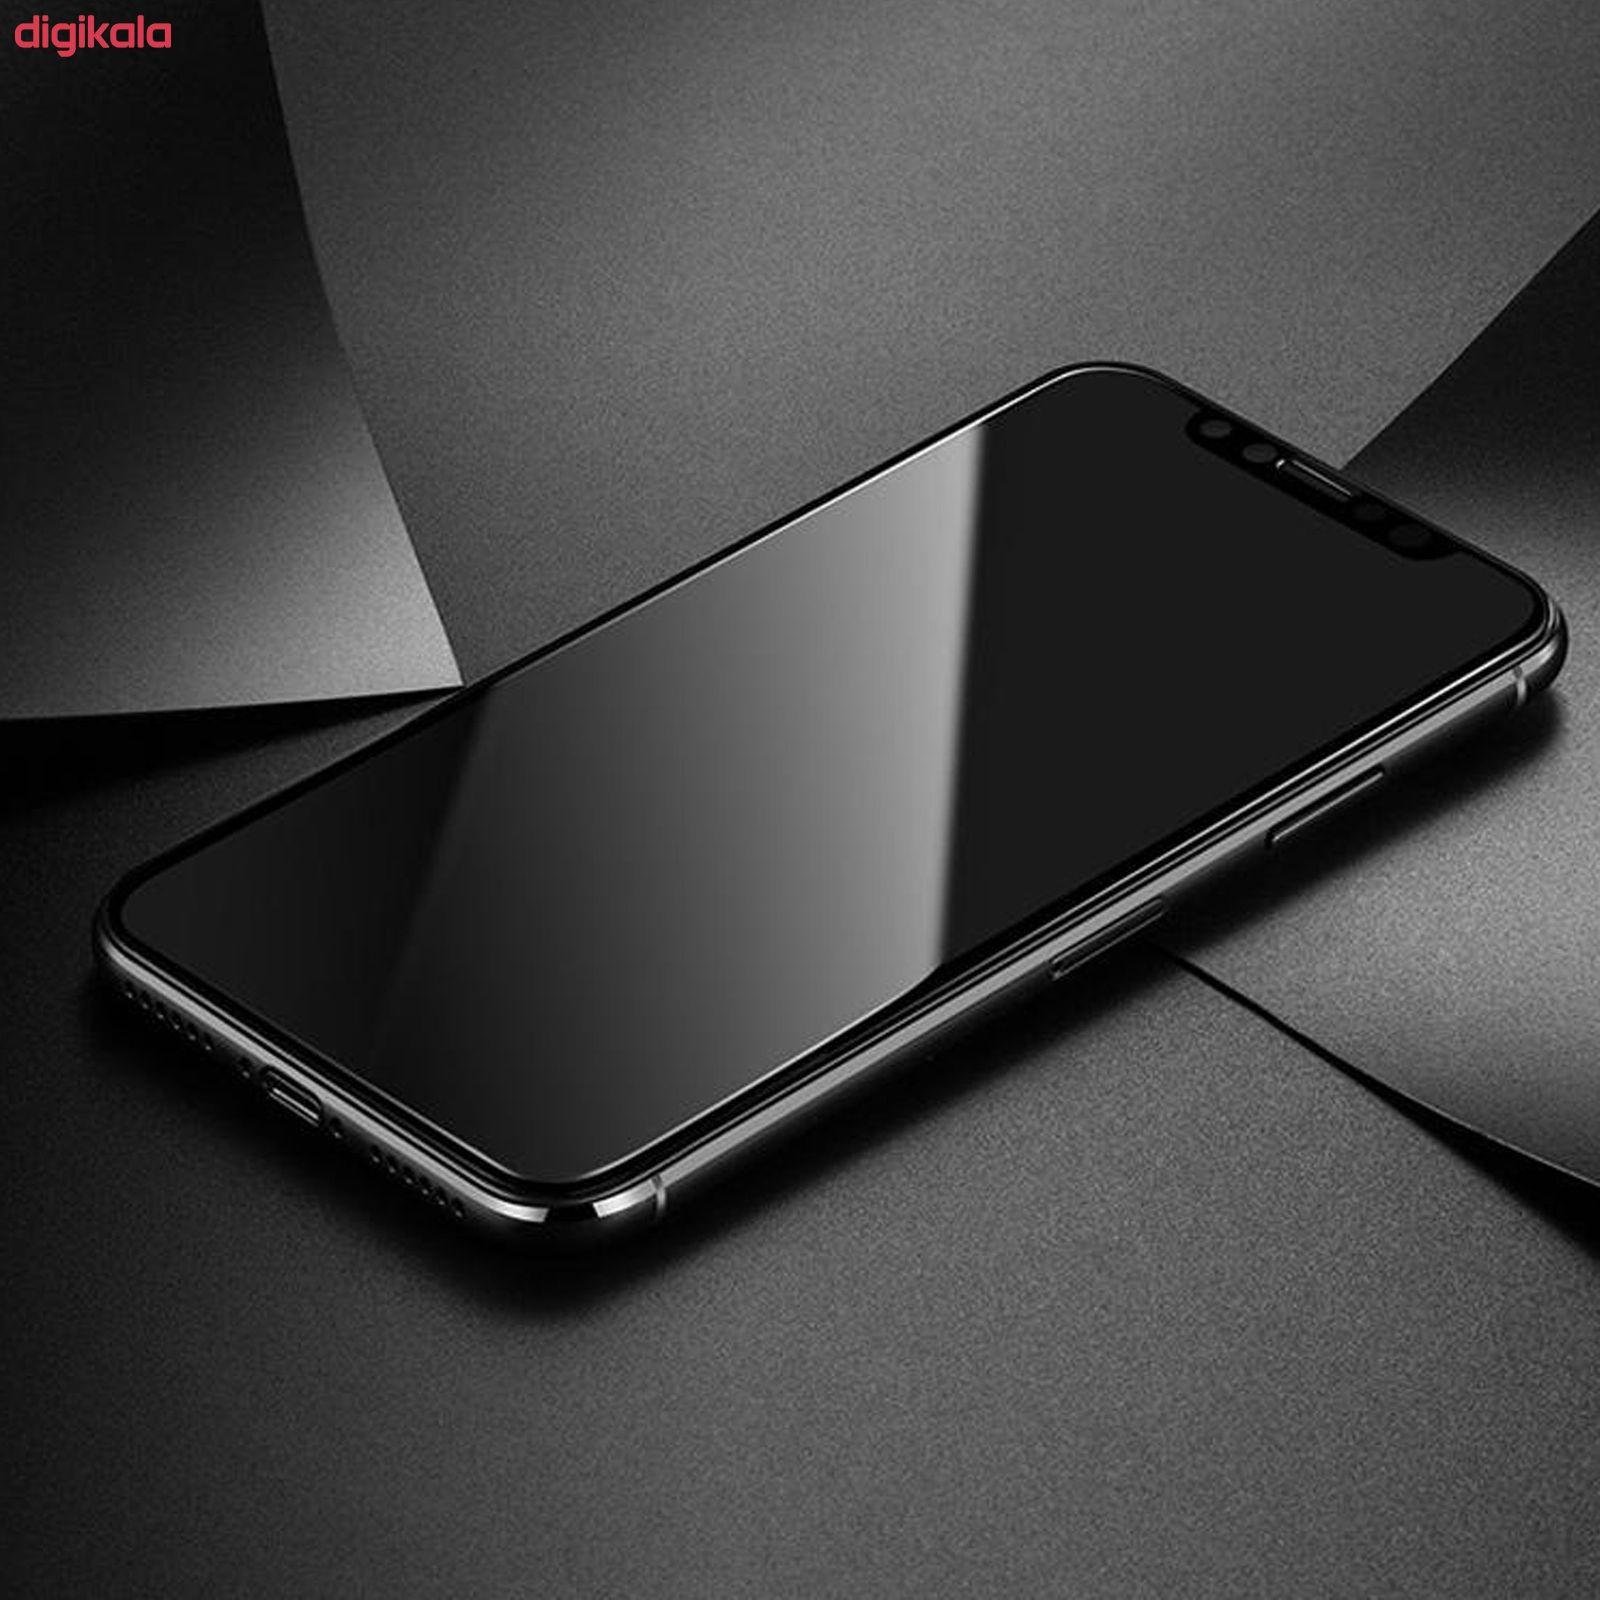 محافظ صفحه نمایش حریم شخصی ژنرال مدل GNprv-01 مناسب برای گوشی موبایل اپل IPhone X / XS main 1 2